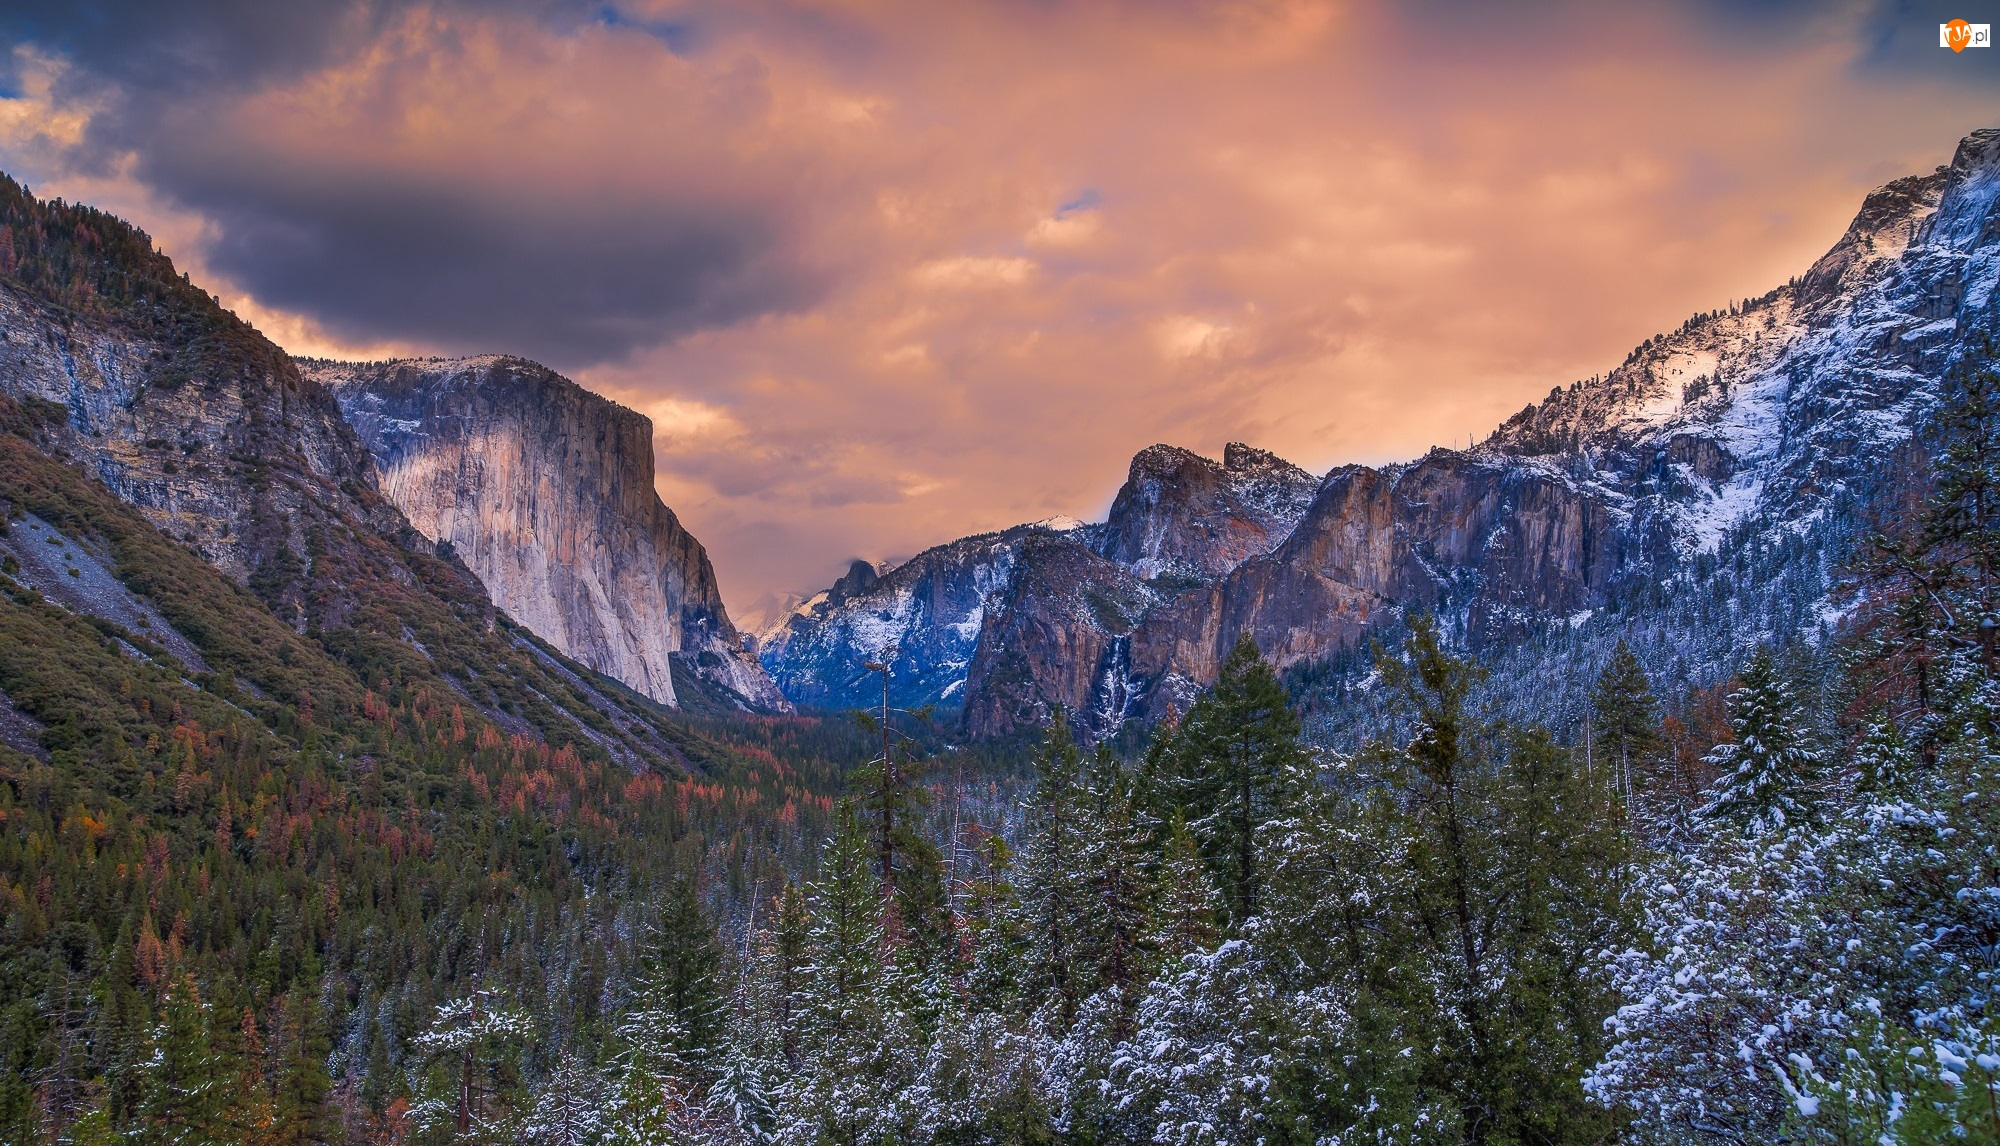 Dolina Yosemite Valley, Góry, Stan Kalifornia, Drzewa, Stany Zjednoczone, Śnieg, Park Narodowy Yosemite, El Capitan